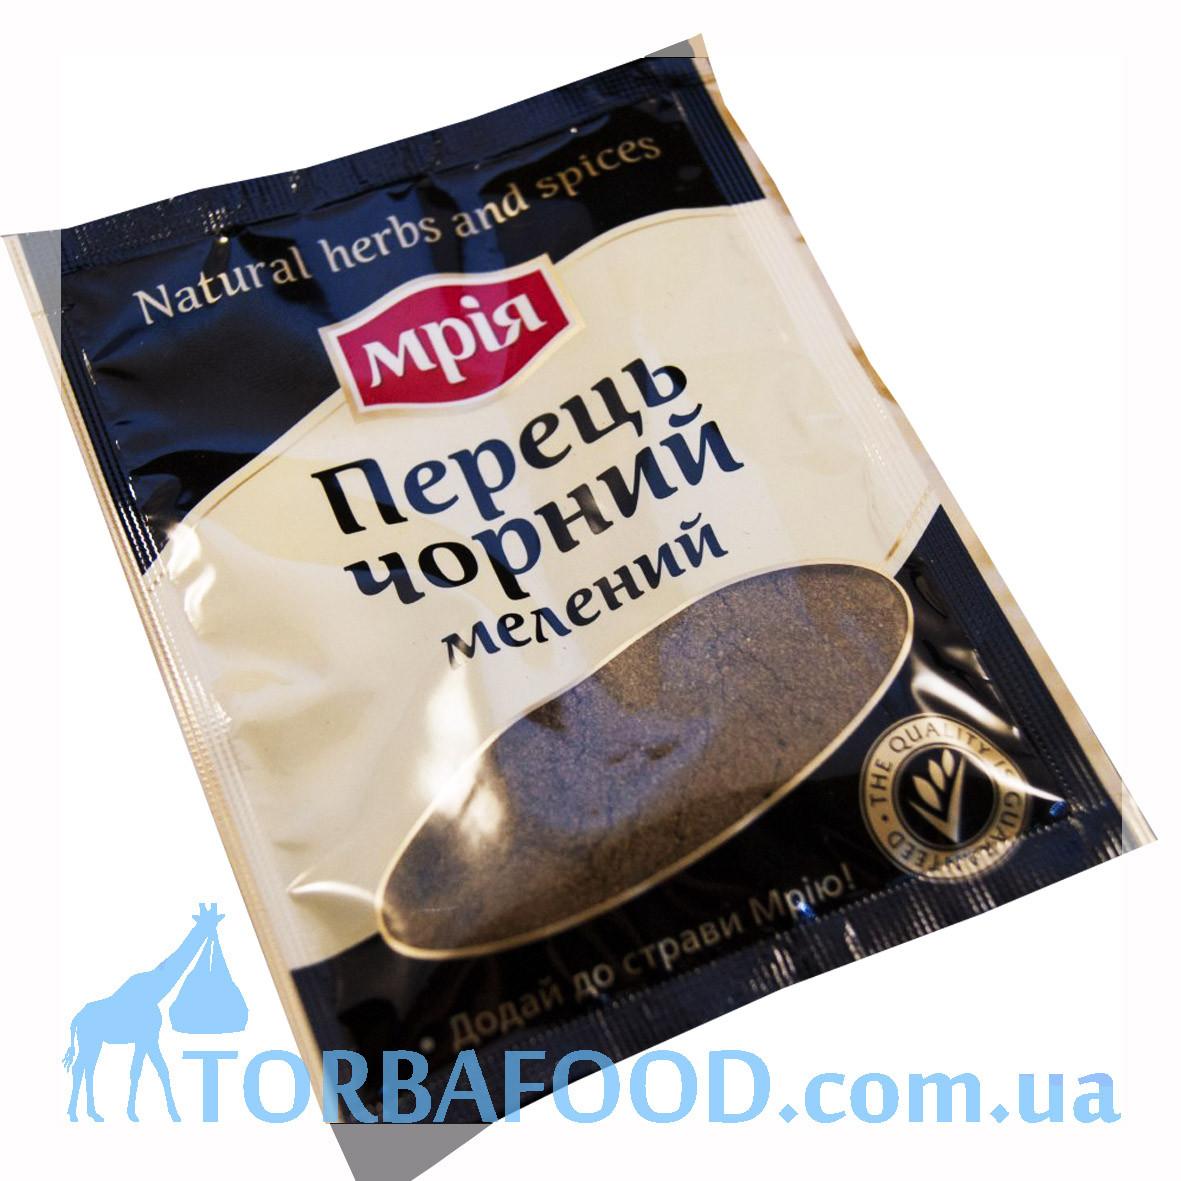 Перец Мрия черный молотый оптом Премиум - Команда «TORBAFOOD» в Мелитополе